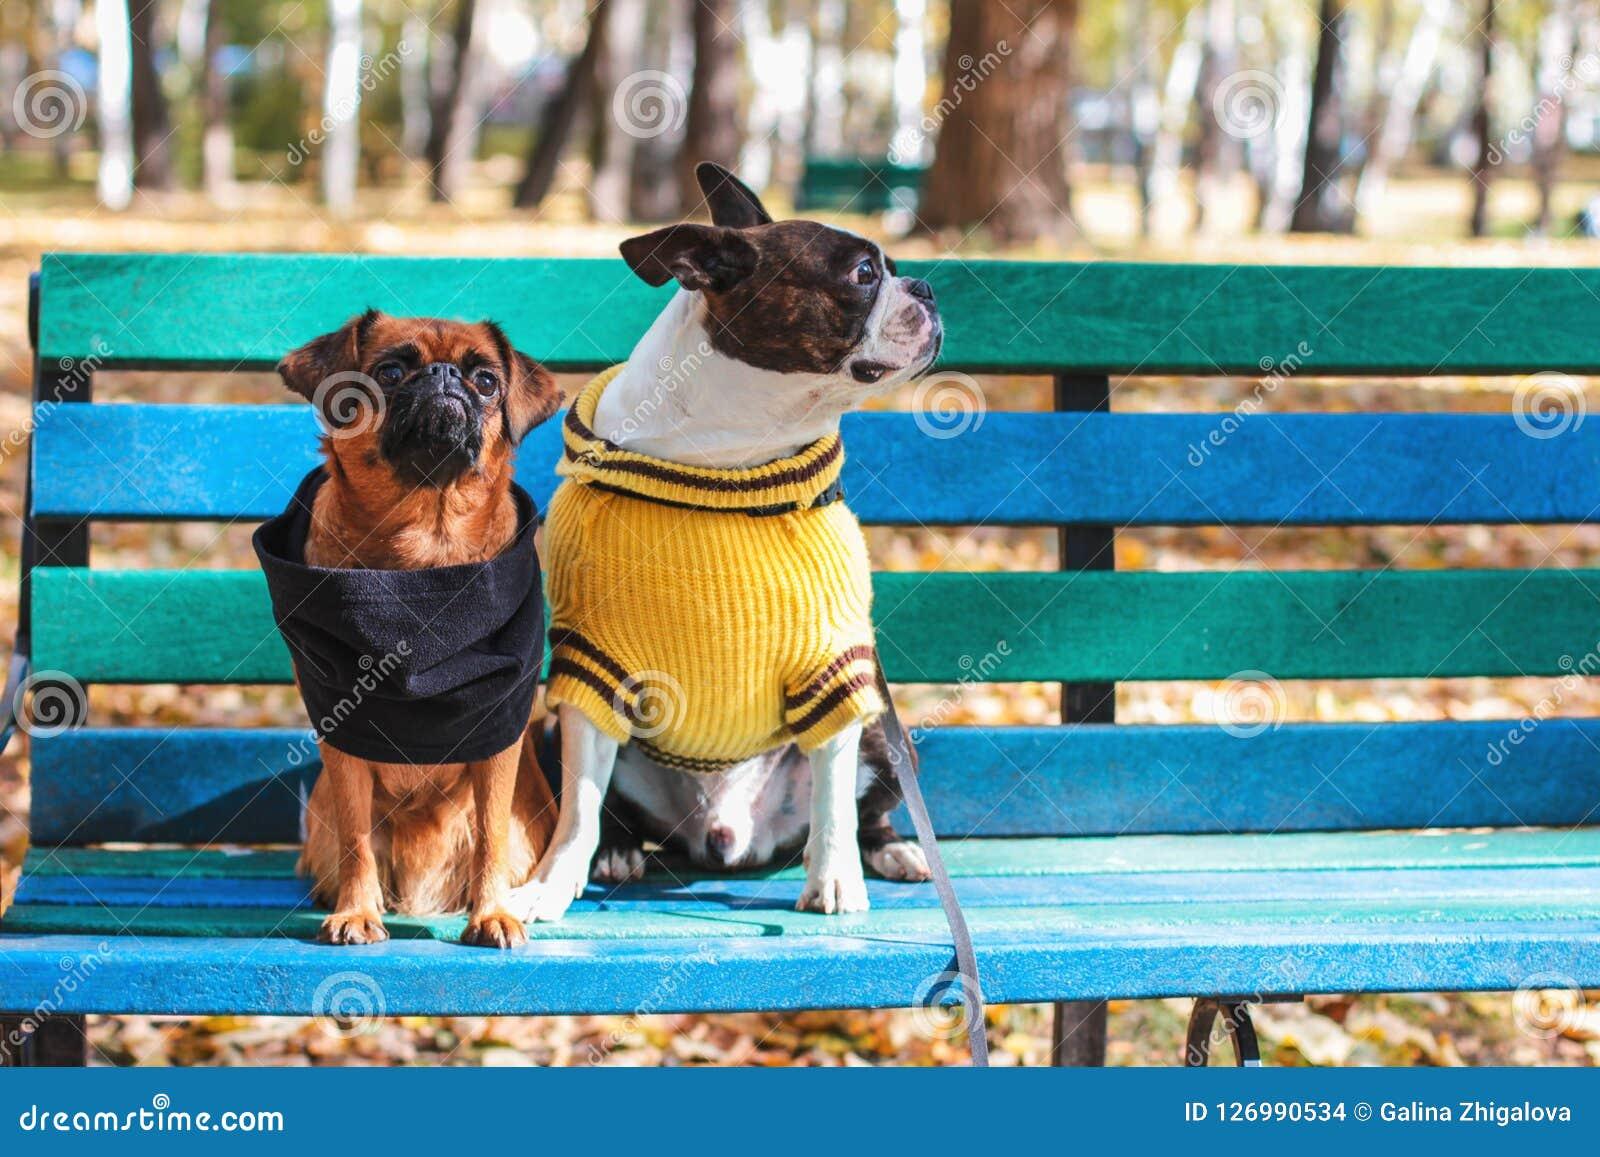 狗朋友在秋天公园、波士顿狗和小brabanson坐一条长凳